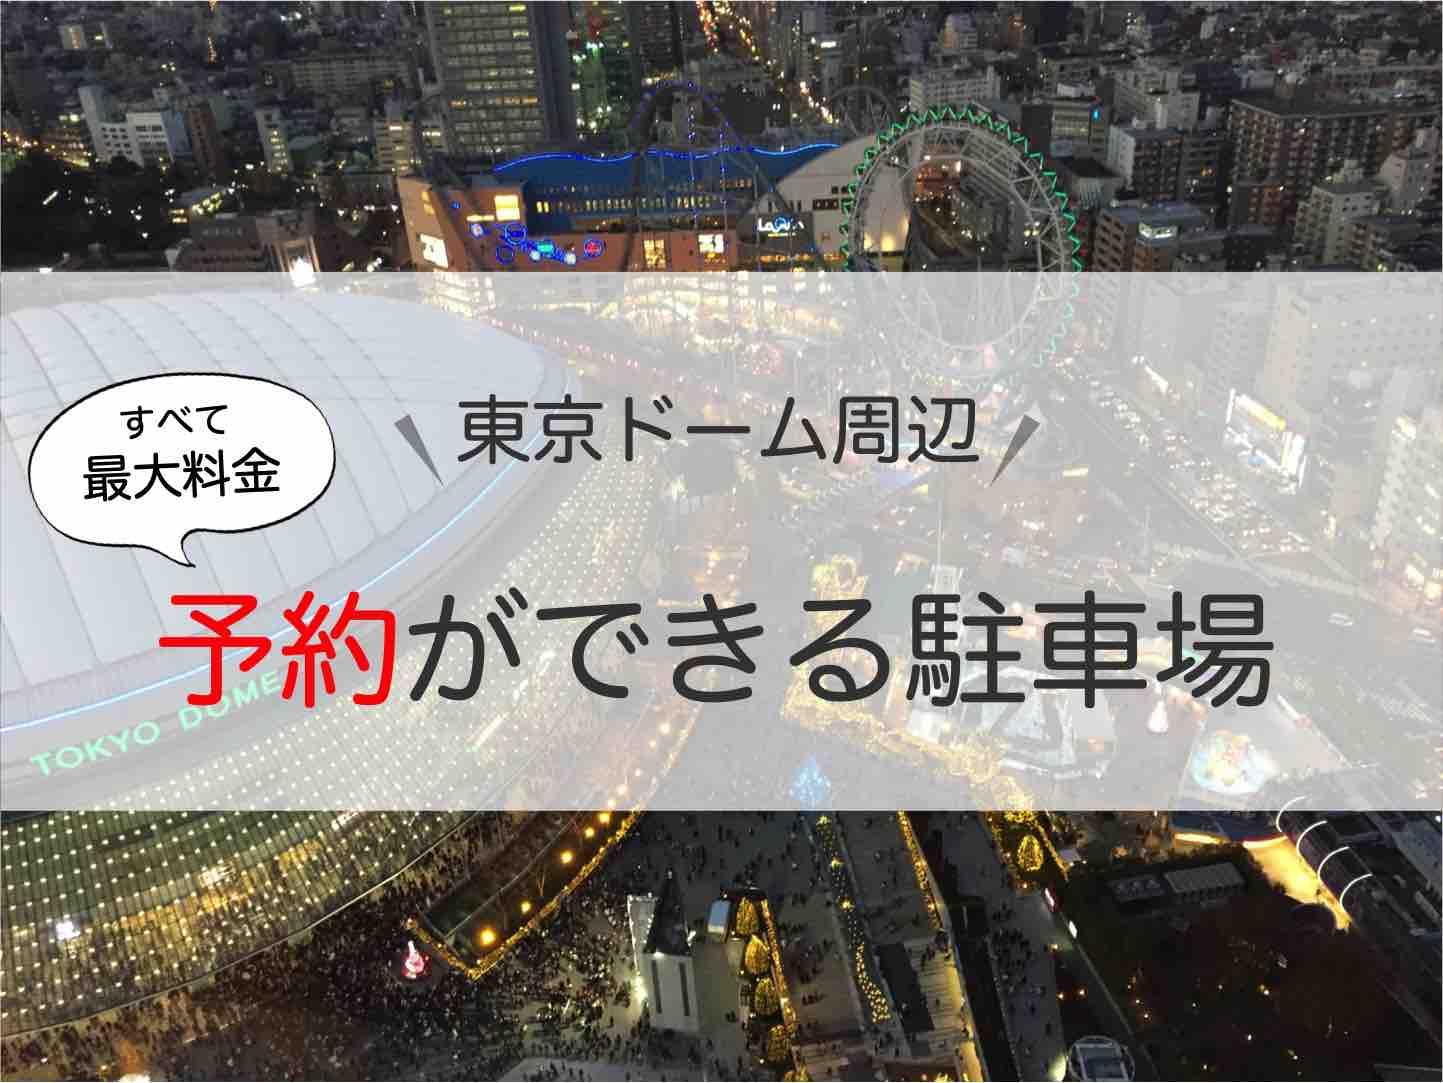 東京ドーム_駐車場